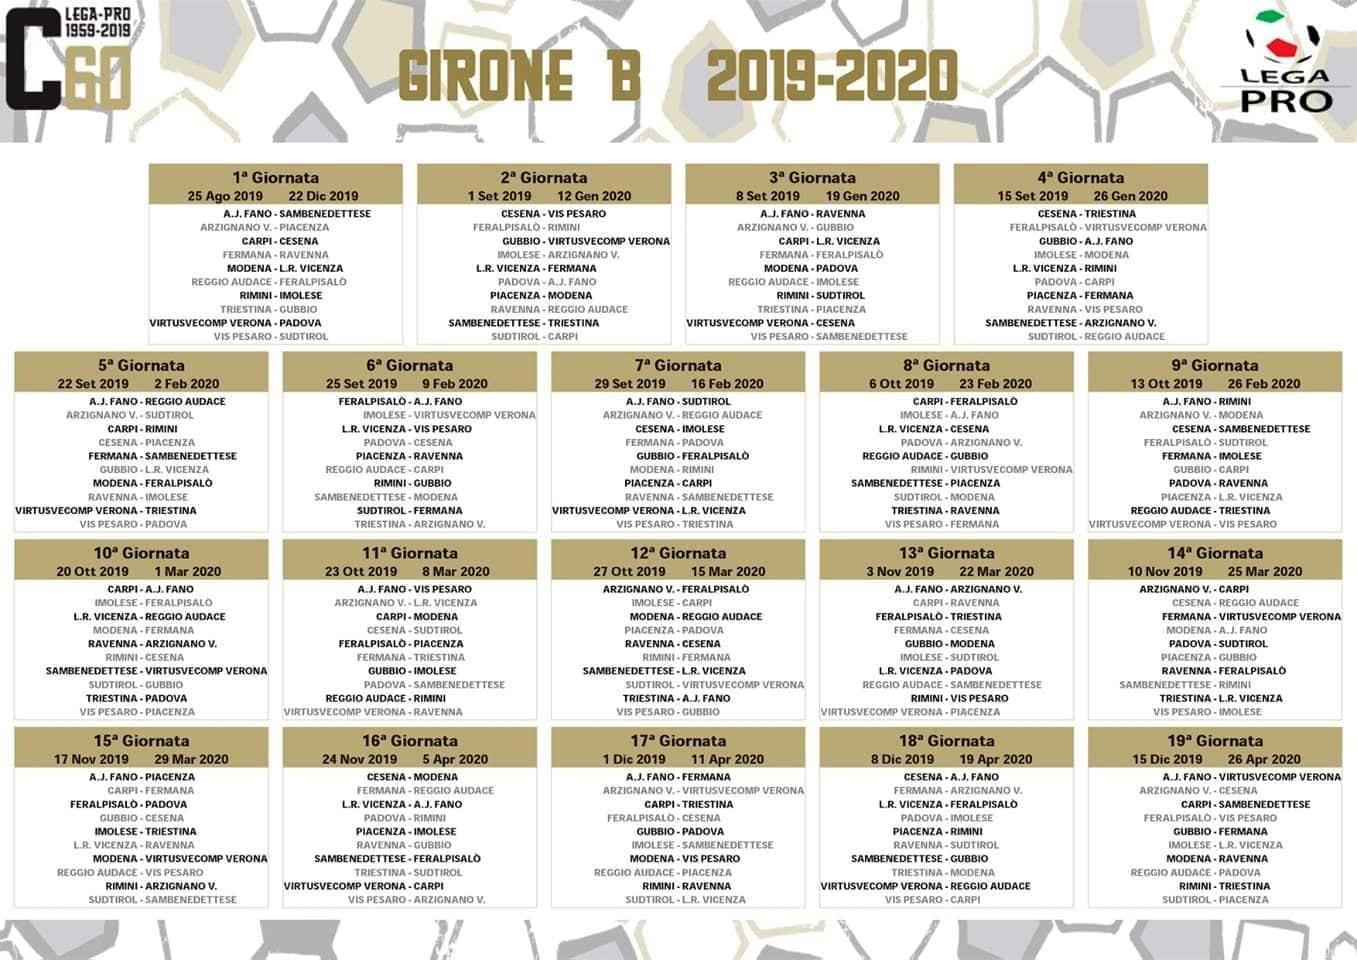 Cesena Calcio Calendario.Calcio Per Il Carpi Il Campionato Inizia Col Cesena Il